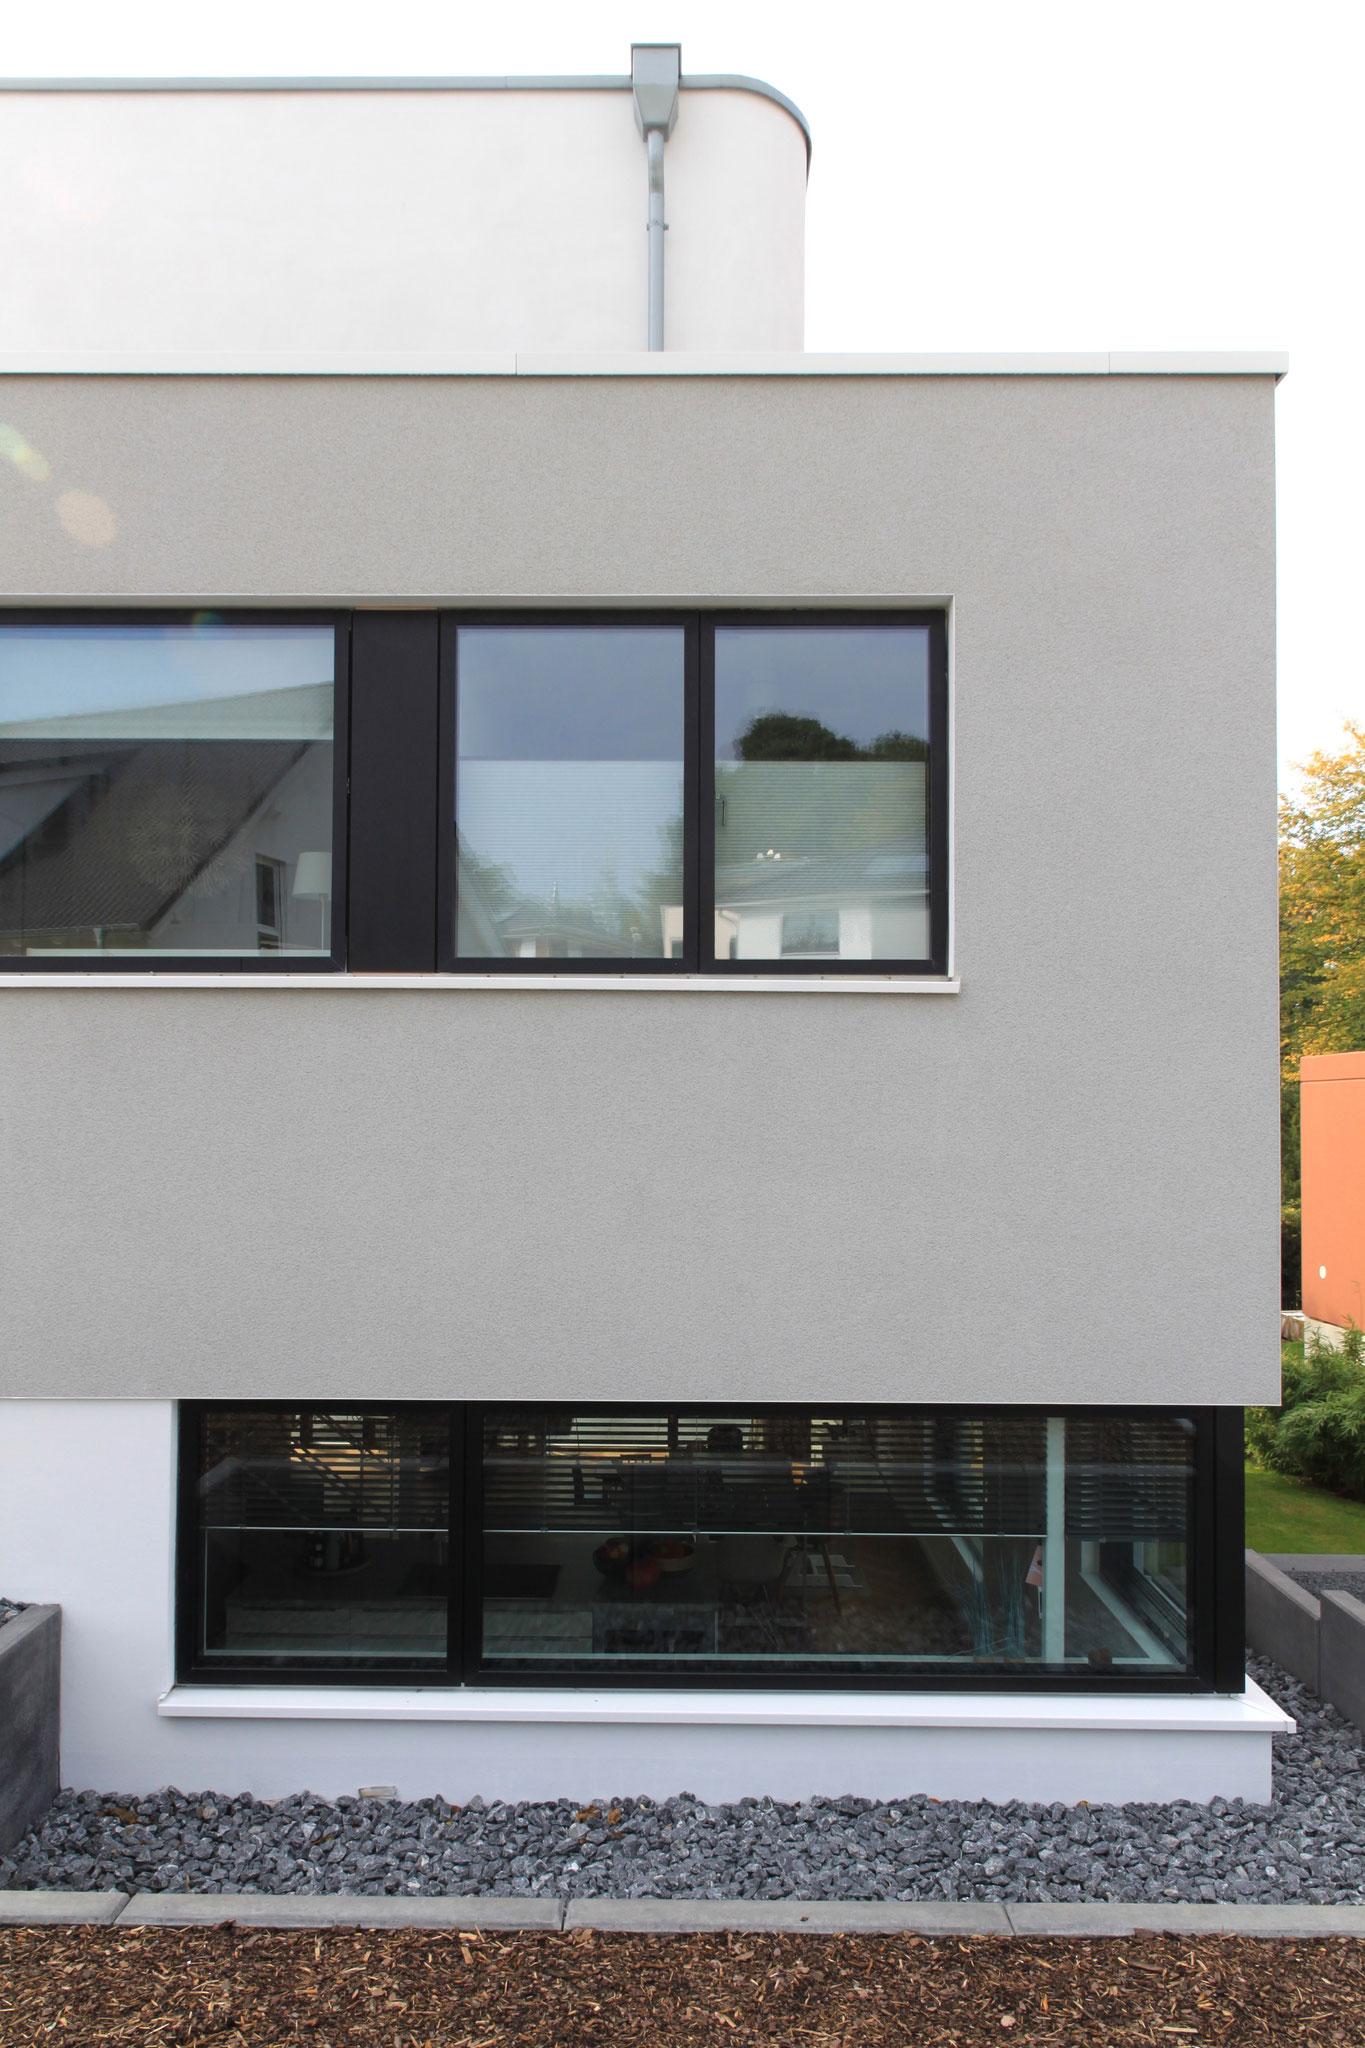 Einfamilienhaus / Architekten BAUTAL GmbH&Co.KG Wuppertal